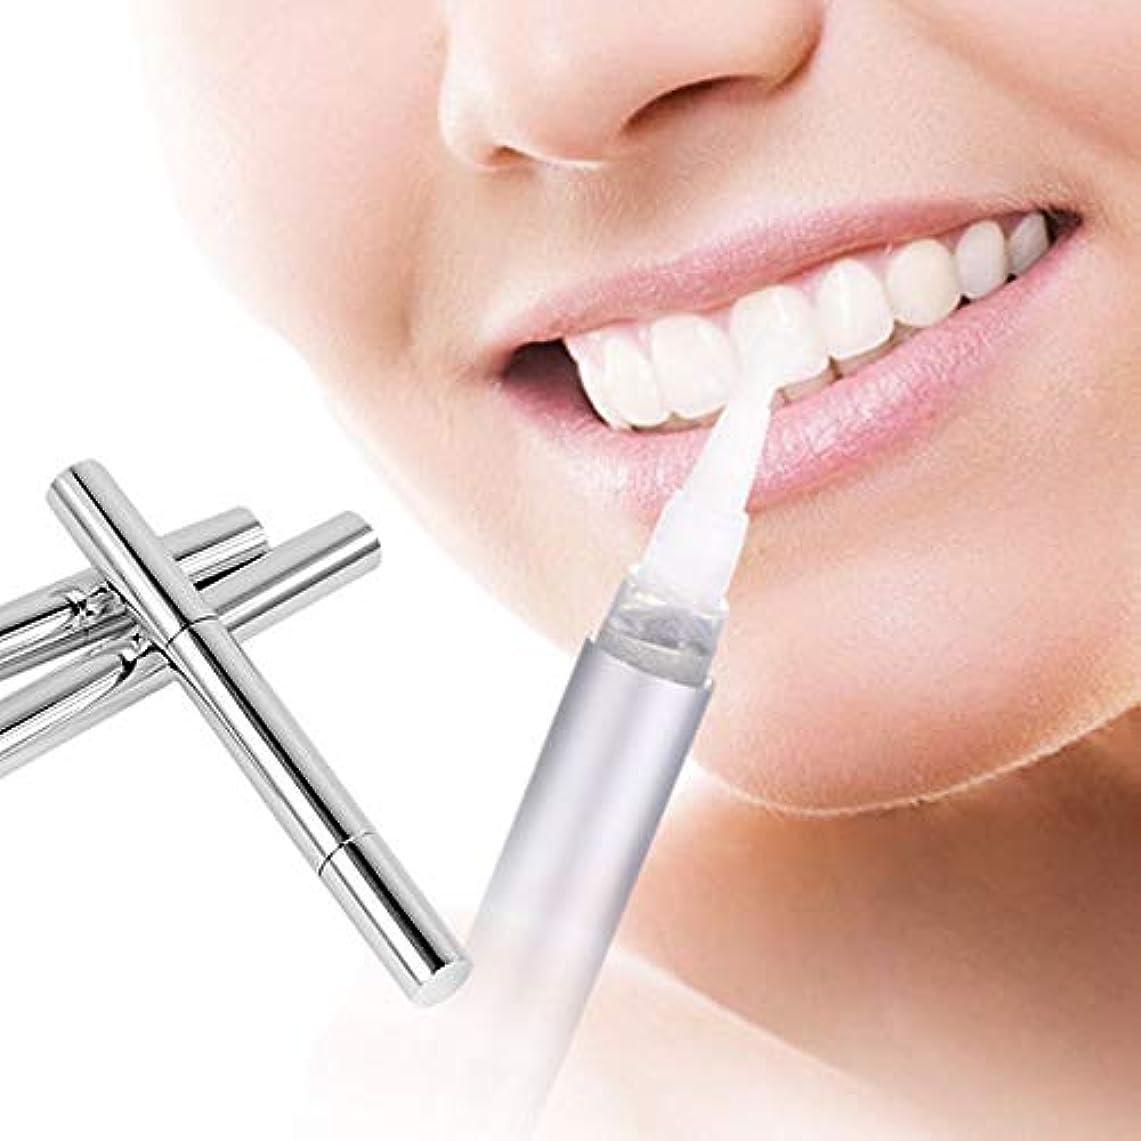 透明にあいさつ原理美白歯ゲル 歯 ホワイトニングペン 美白ゲルマウスウォッシュ ステイン消し携帯便利 口腔洗浄ツール 輝く笑顔 口臭防止 歯周病防止